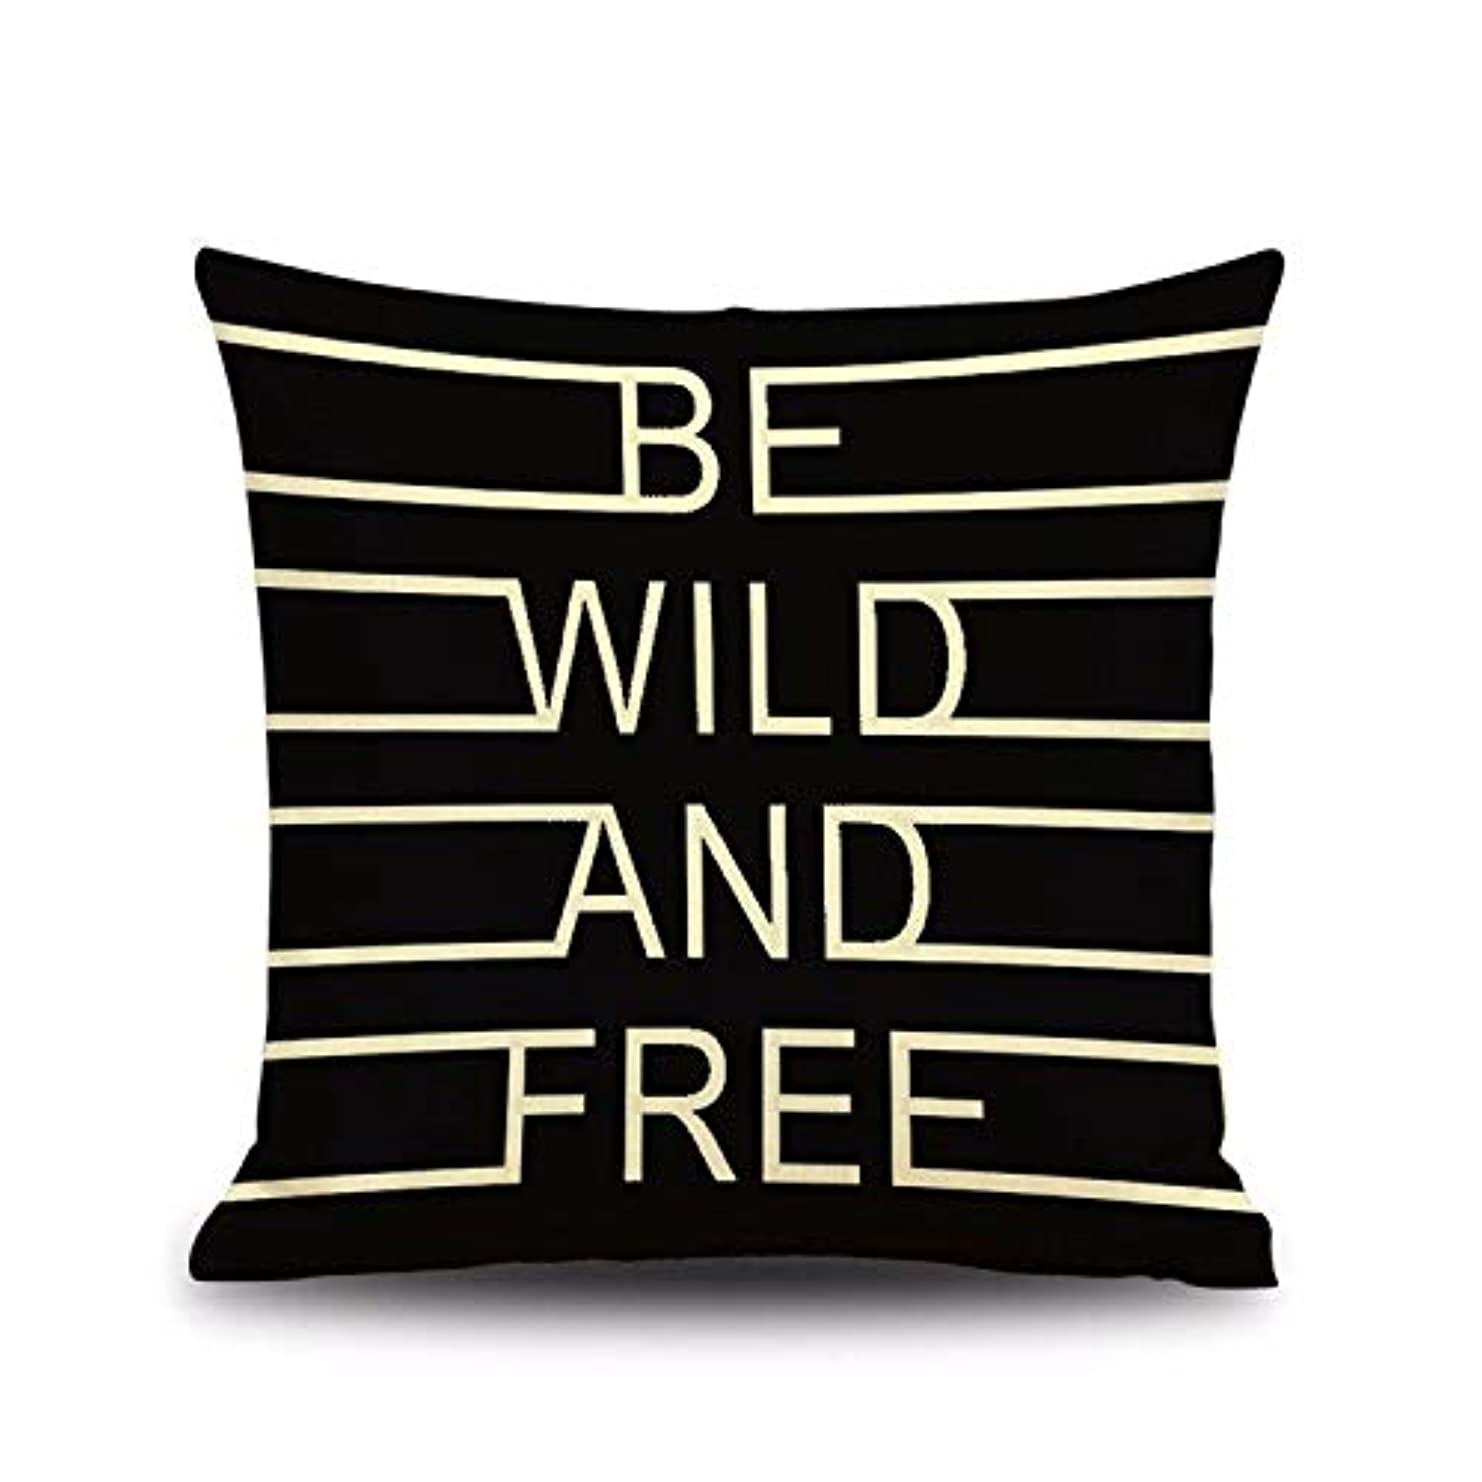 ギャング月名目上のLIFE 送料無料リネンクッション、枕 (含まないフィリング) 40 × 40 センチメートル、 45 × 45 センチメートル、 50 × 50 センチメートル、 60 × 60 センチメートル クッション 椅子